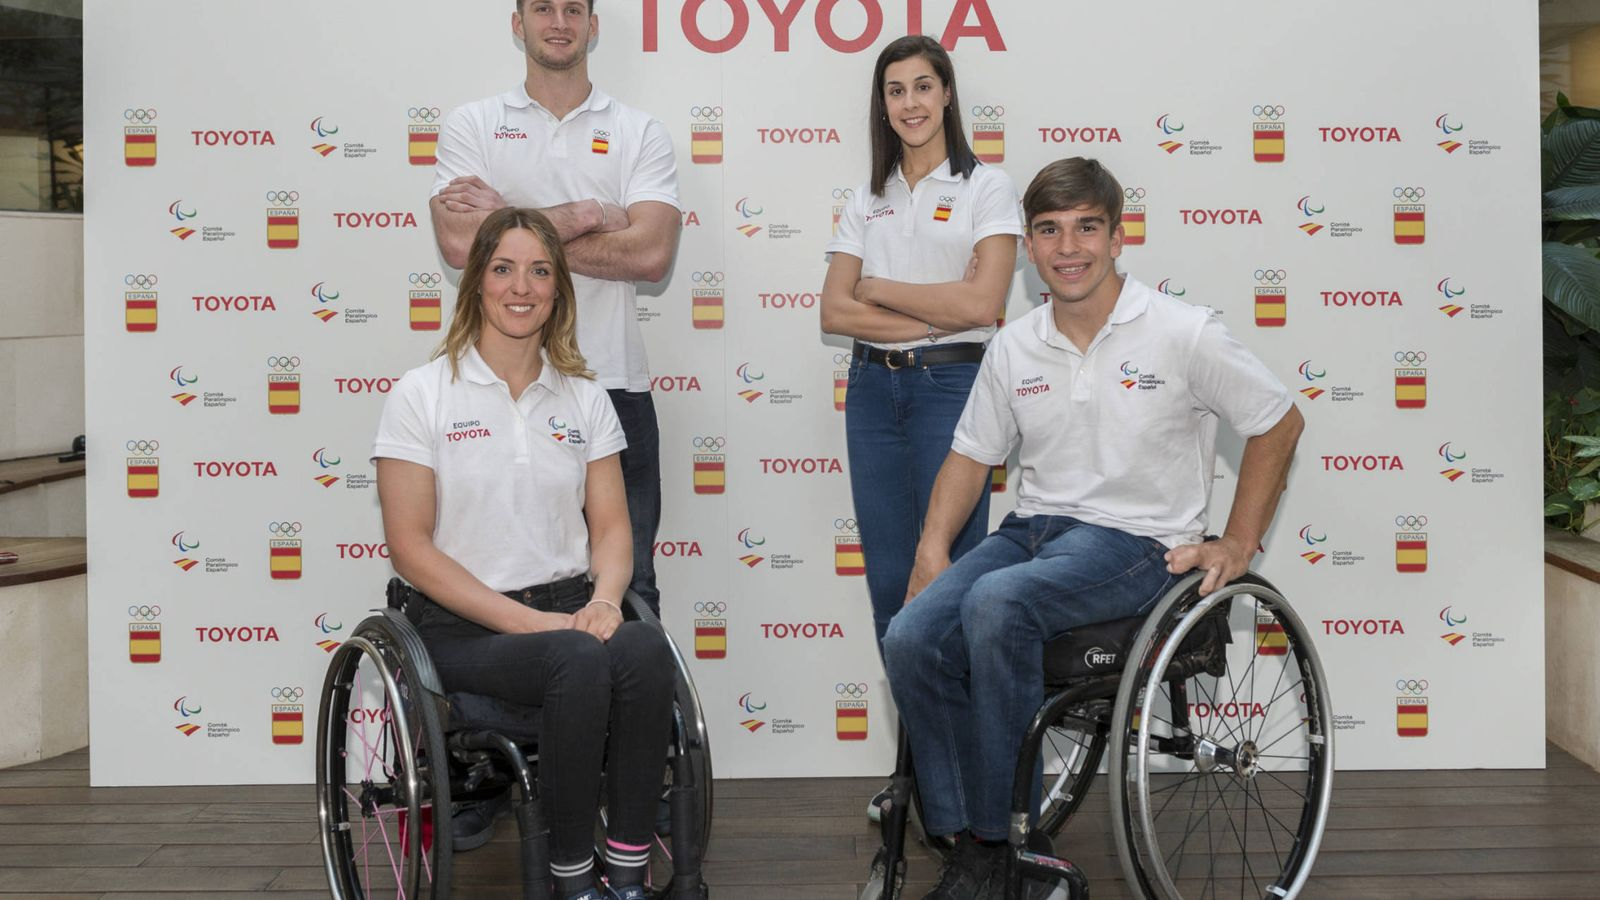 Foto: El equipo Toyota España al completo, Eva Moral y Martín de la Puente junto a  Niko Shera y Carolina Marín.